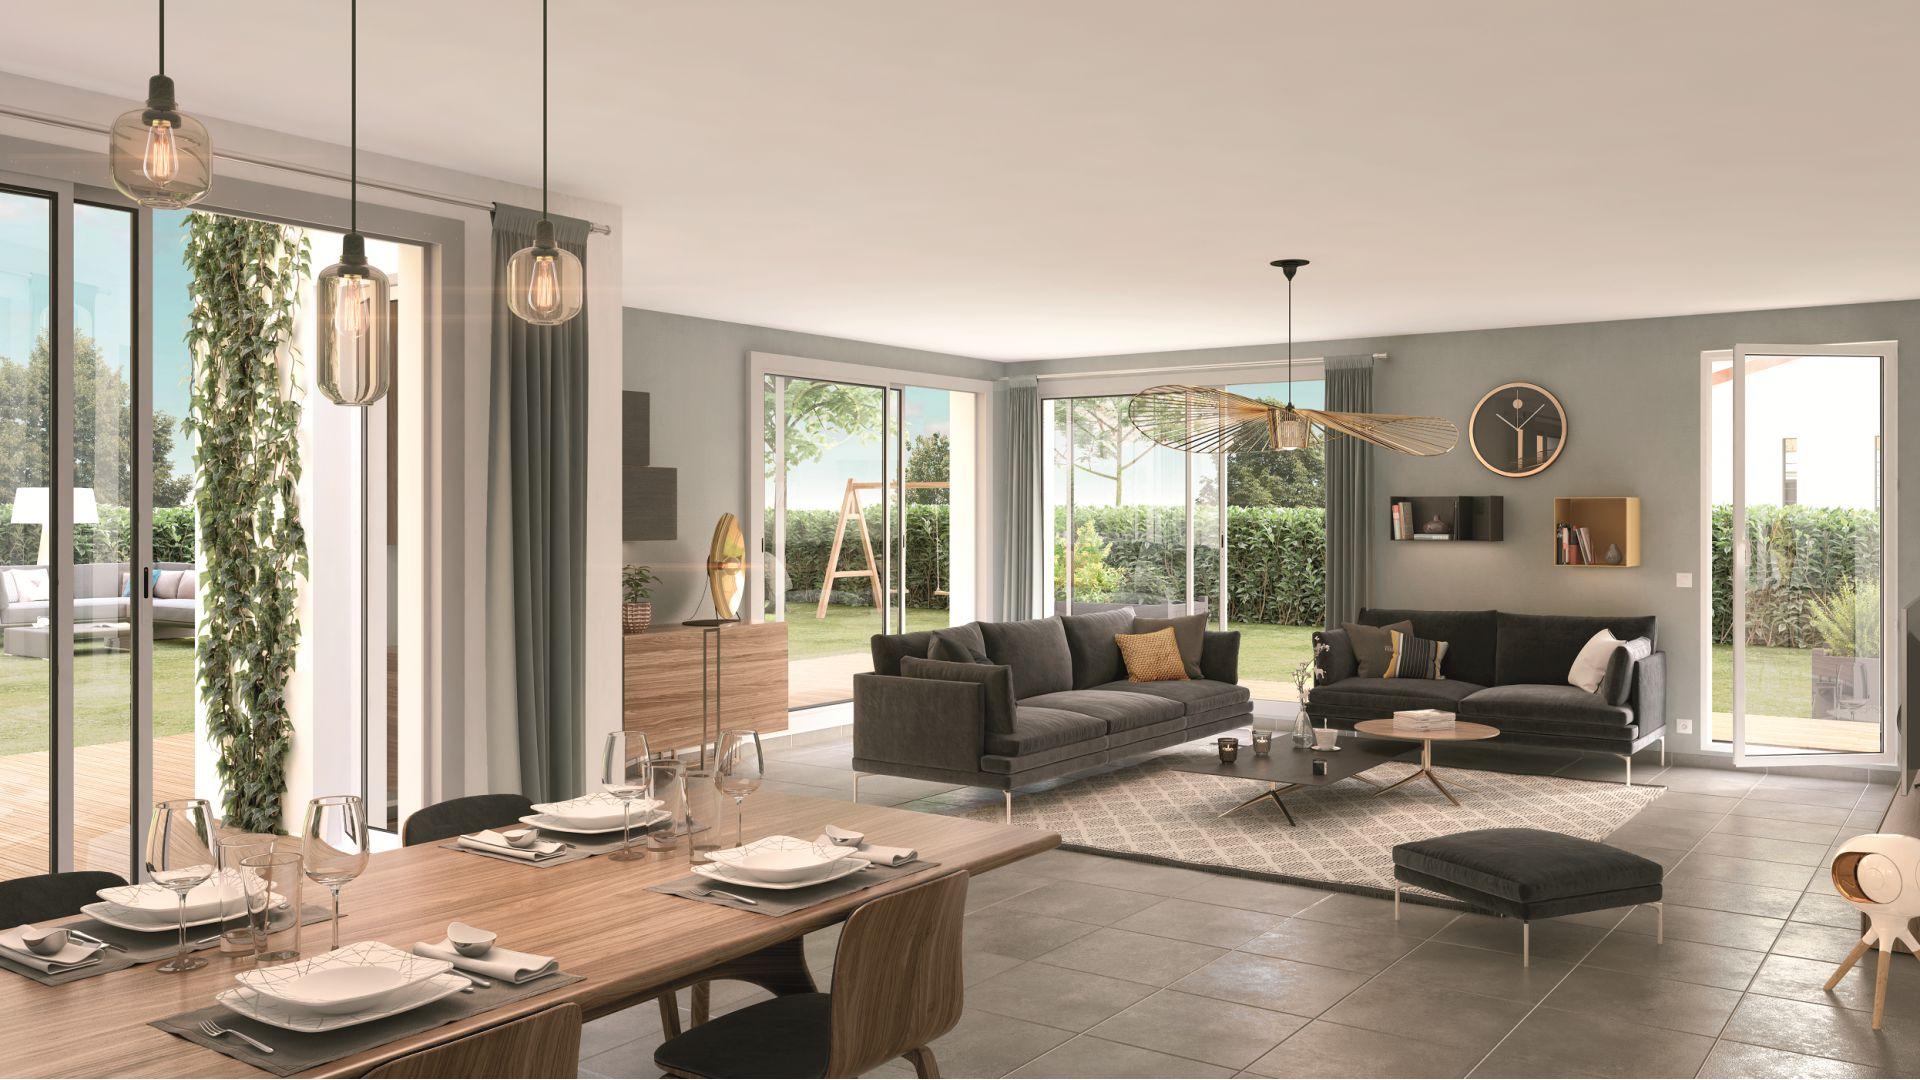 Greencity Immobilier - Villas Valéria - 31320 Auzeville - Villas neuves T6 - appartements neufs T2-T3 - intérieur villa 1